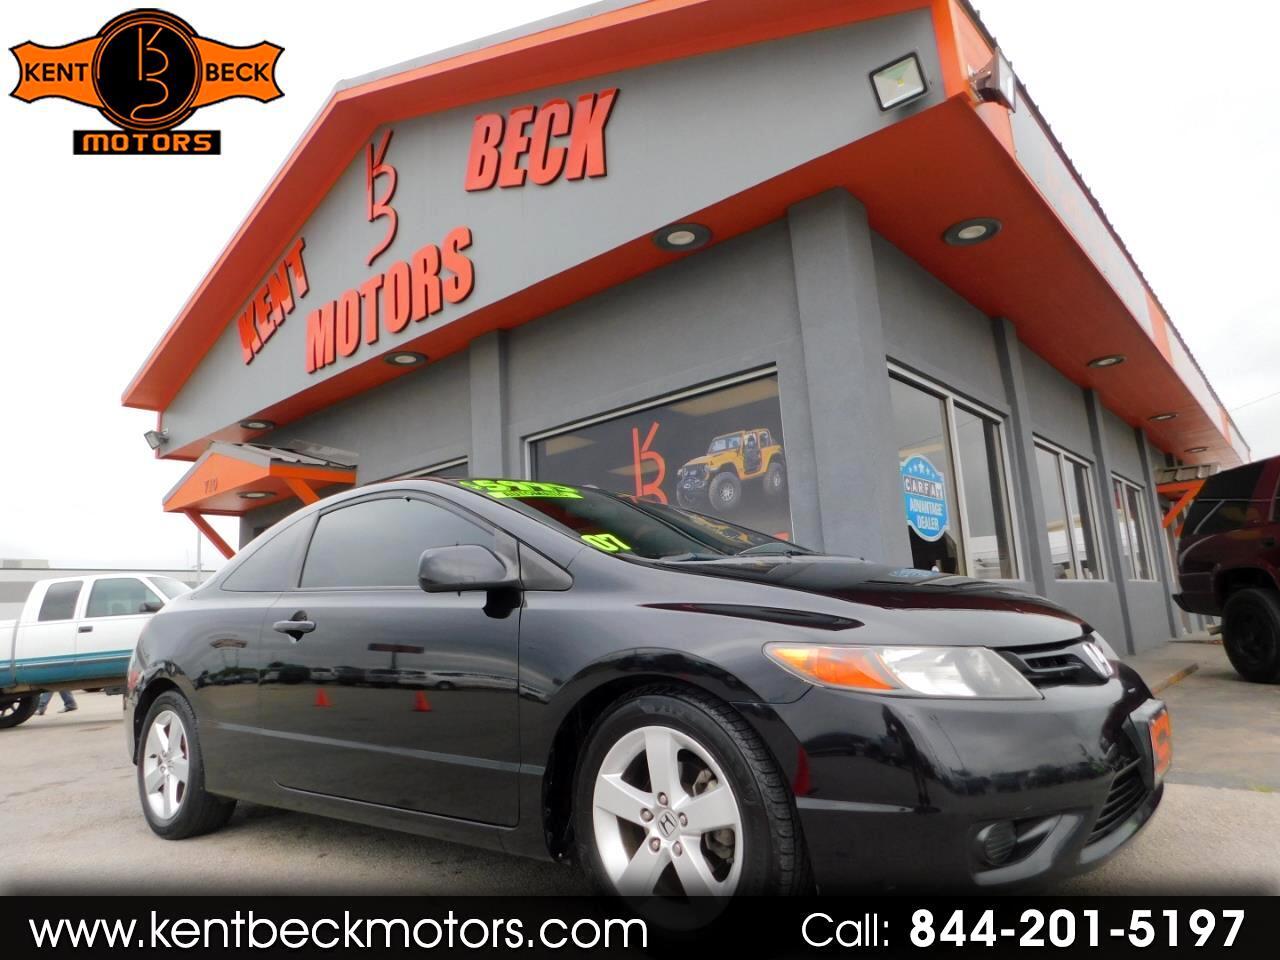 2007 Honda Civic EX Coupe AT